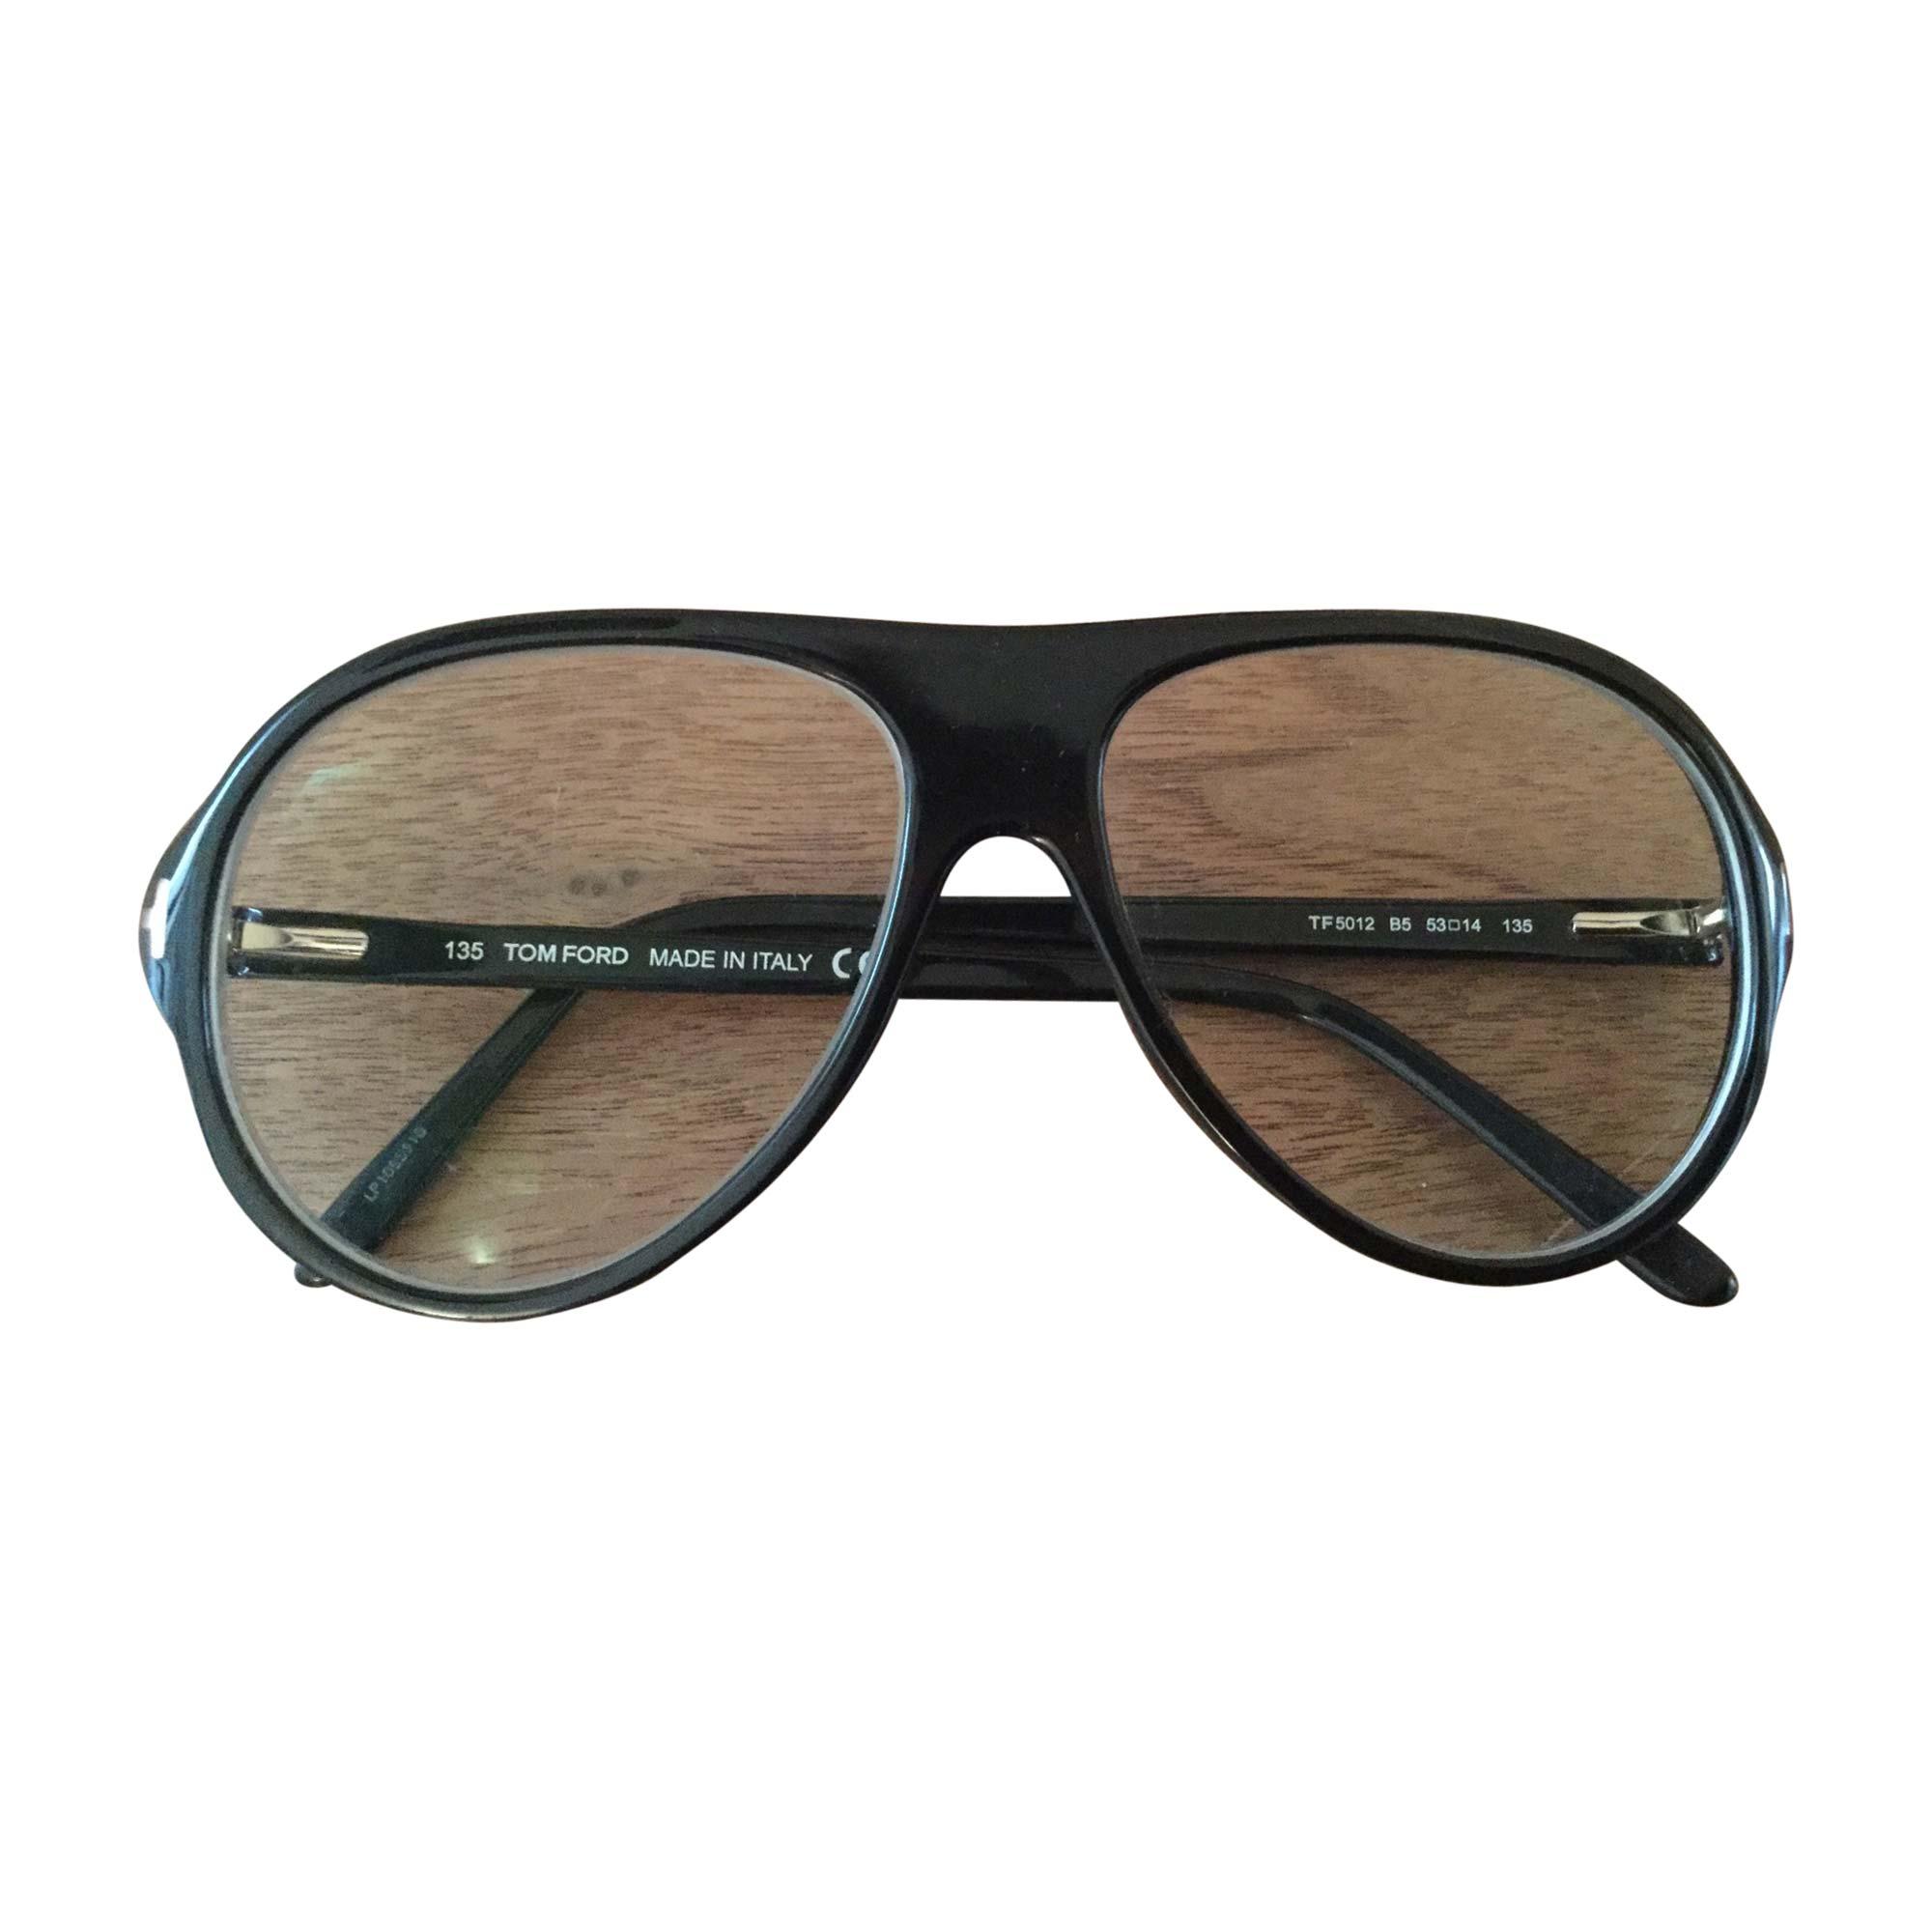 6a89ff8532 Monture de lunettes TOM FORD noir vendu par Morgane0210 - 7784994